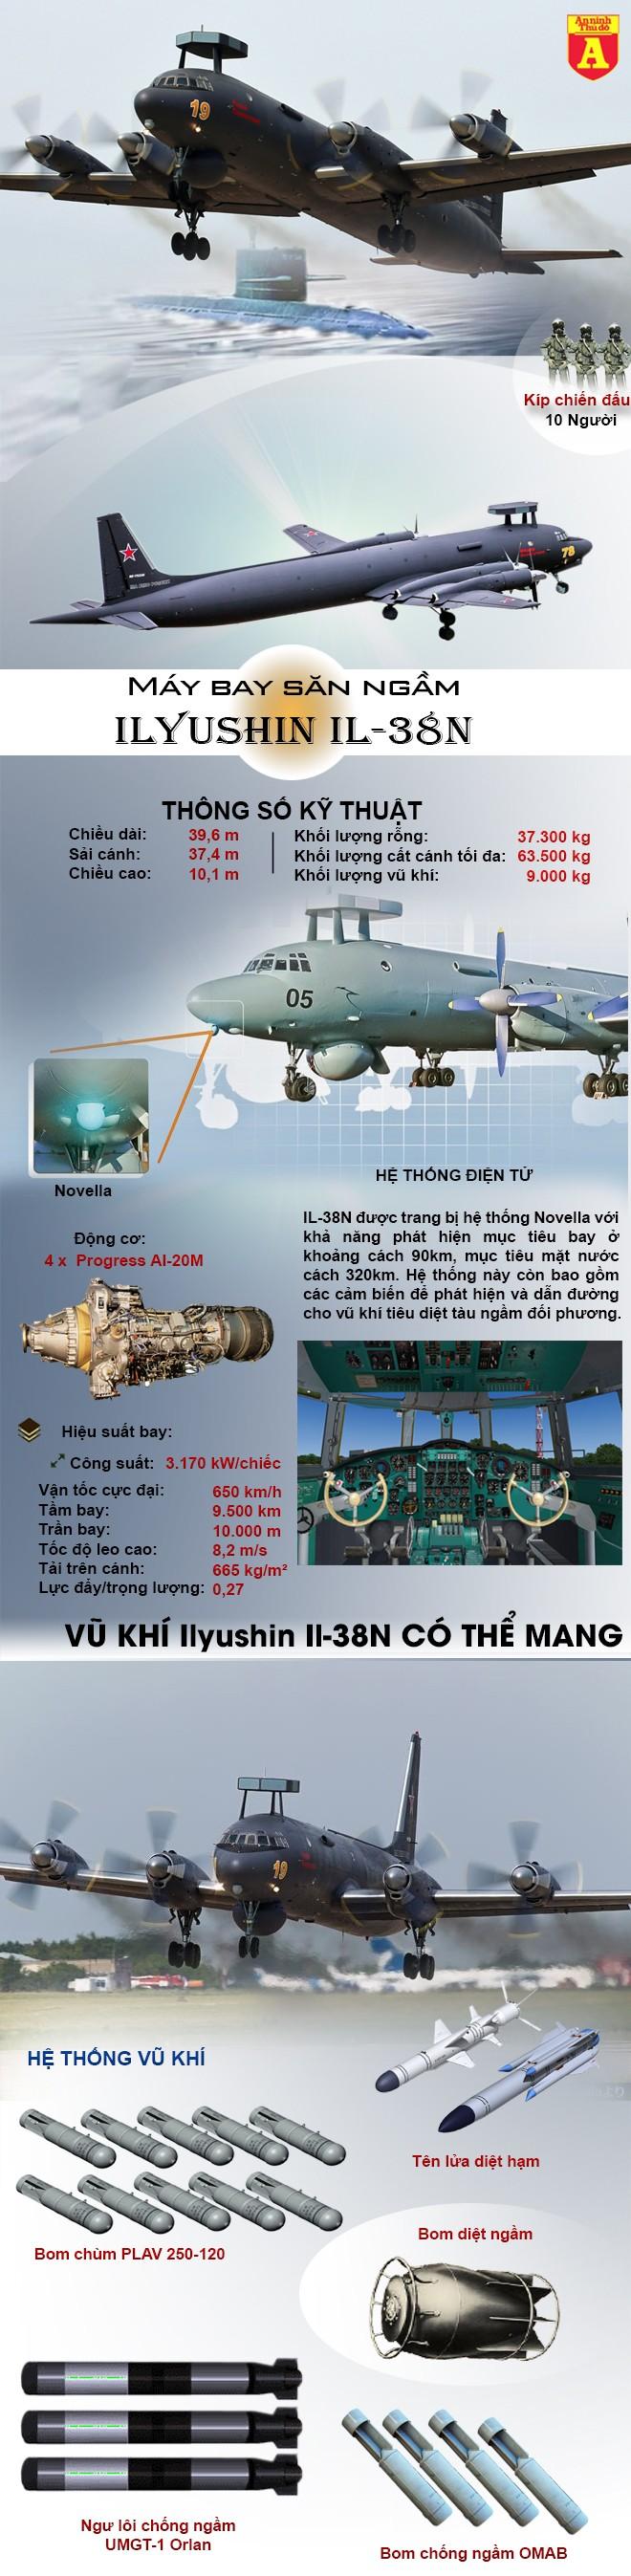 [Infographic] IL-38N sát thủ săn ngầm của Nga ngang tài cân sức với P-3C Orion Mỹ ảnh 2